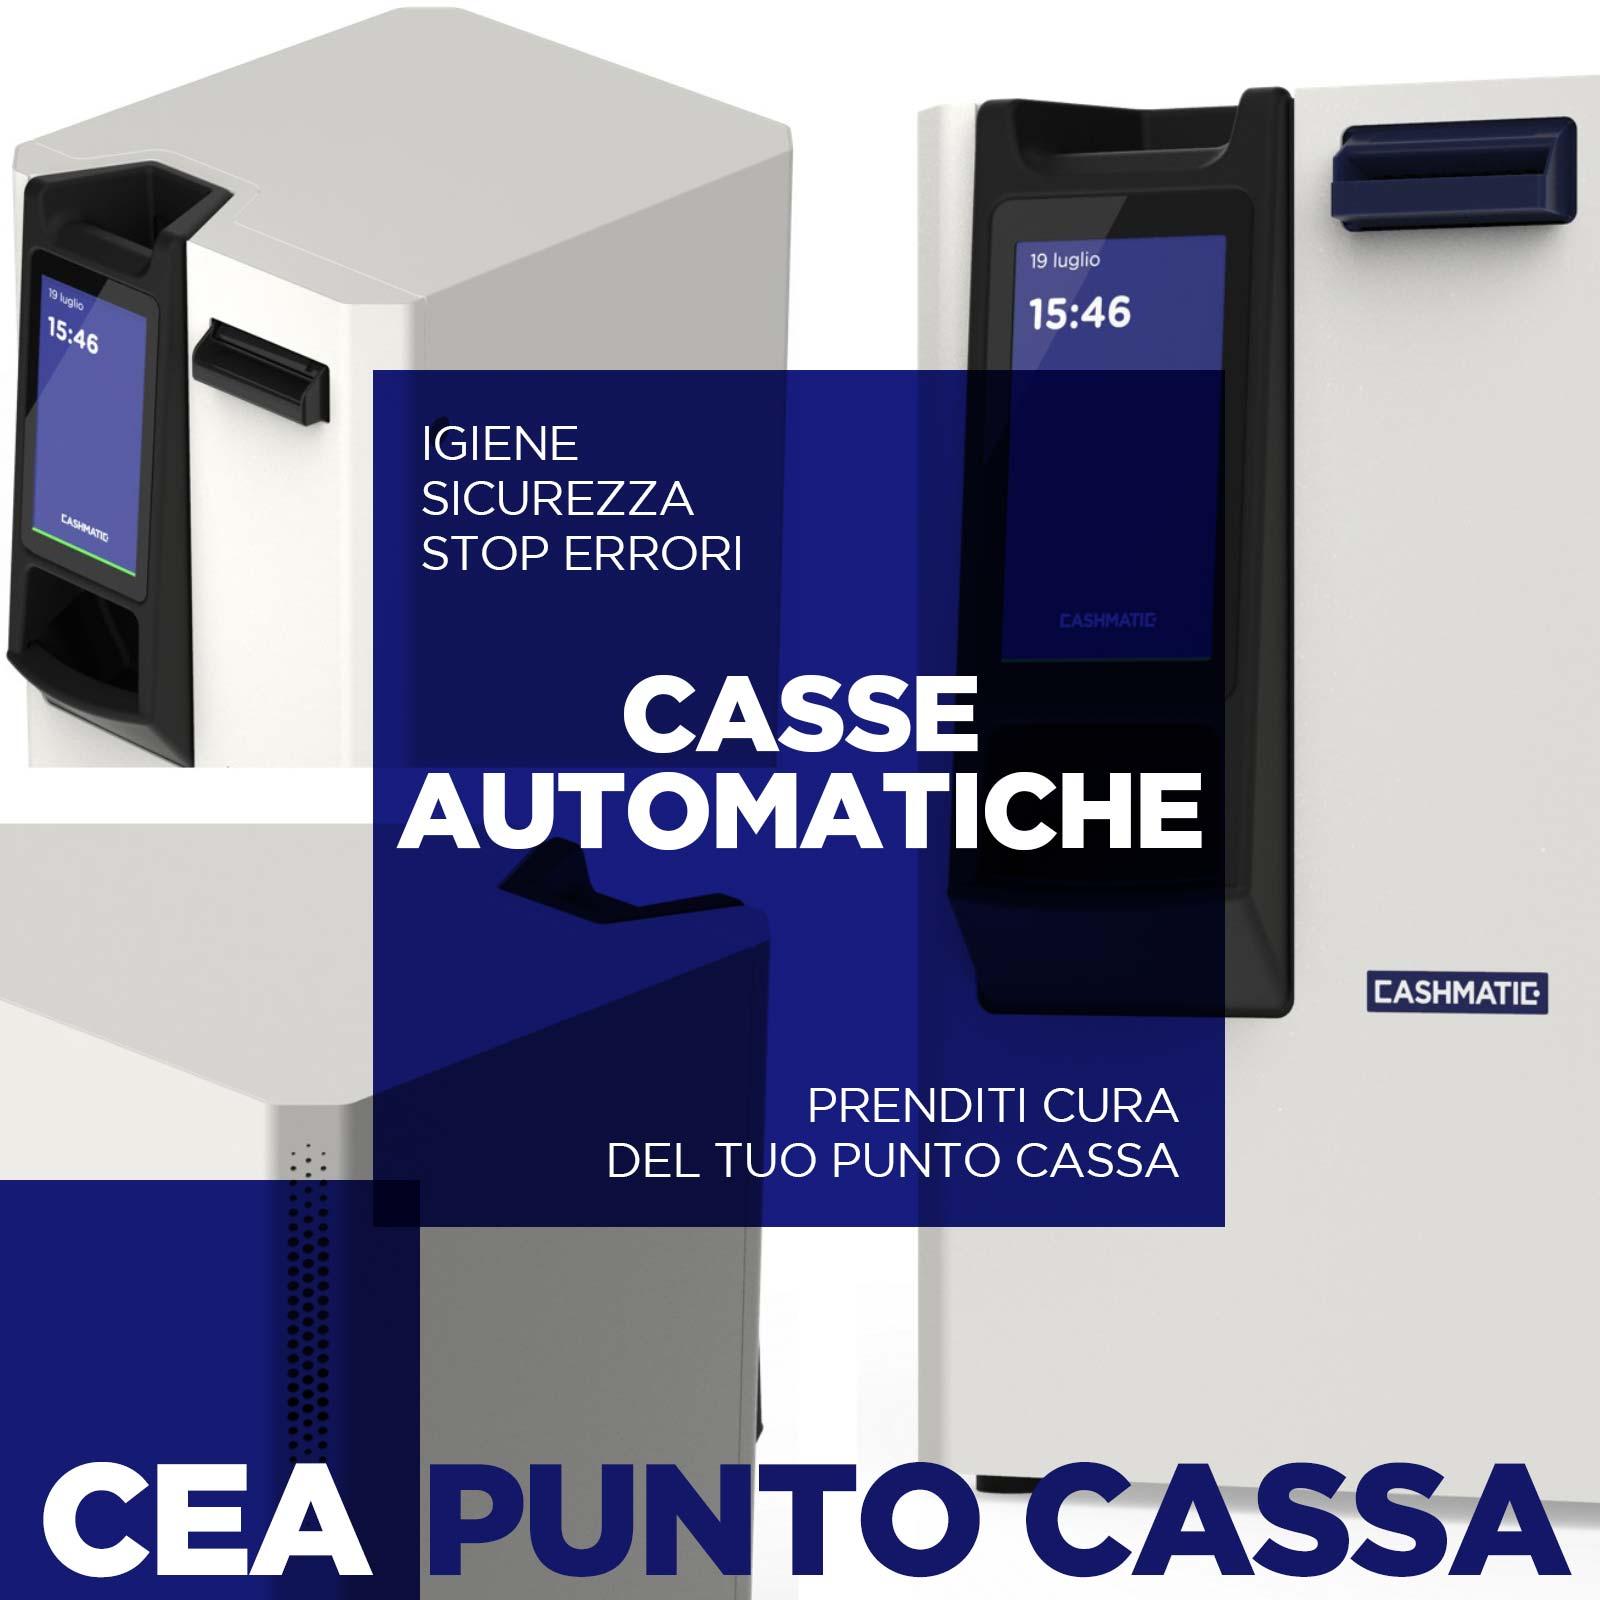 Ceasistemi news cassetti automatici